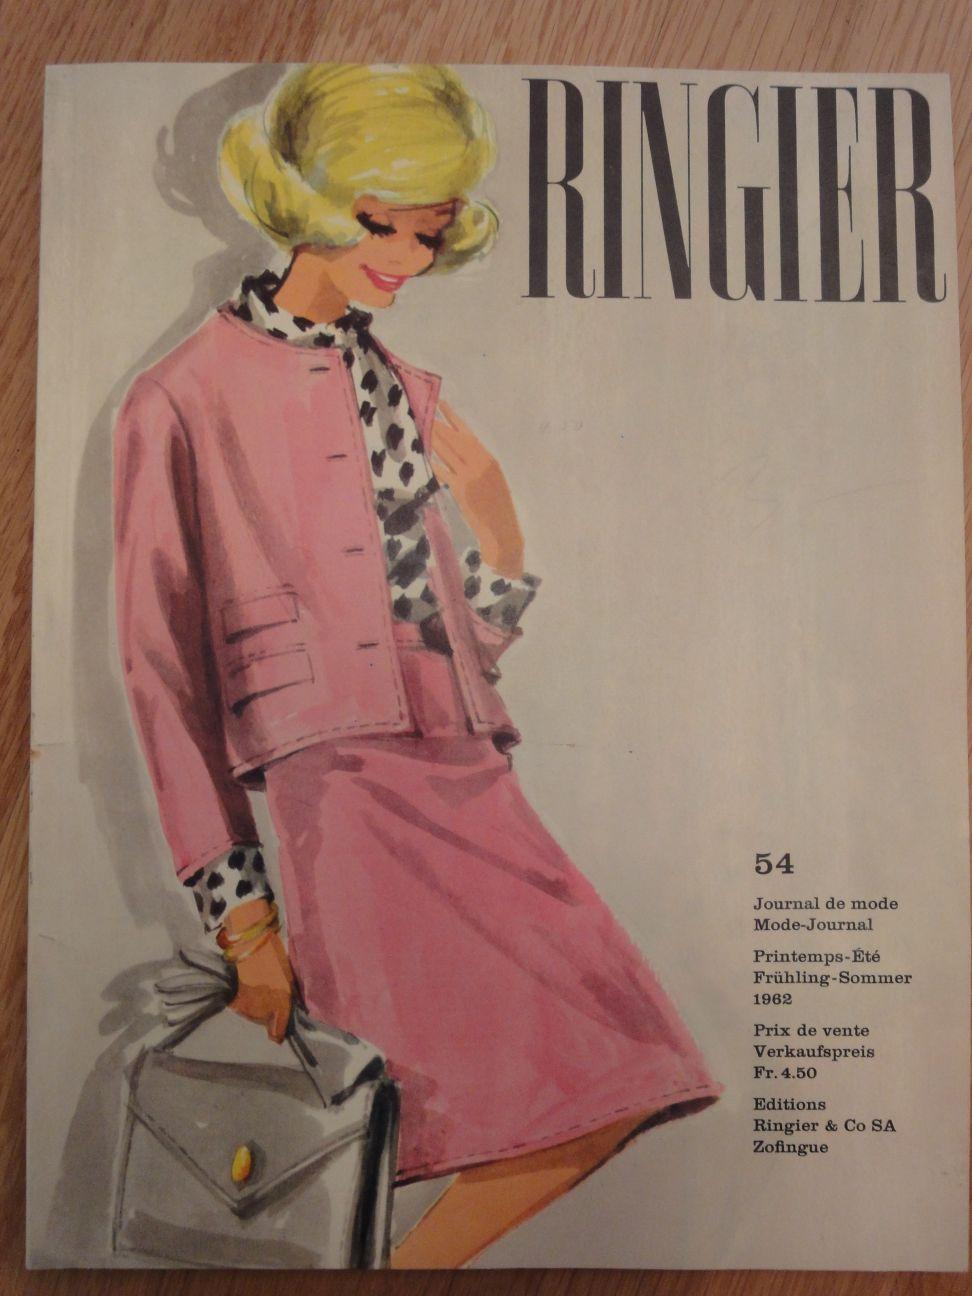 Ringier Journal de Mode Spring/Summer 1962